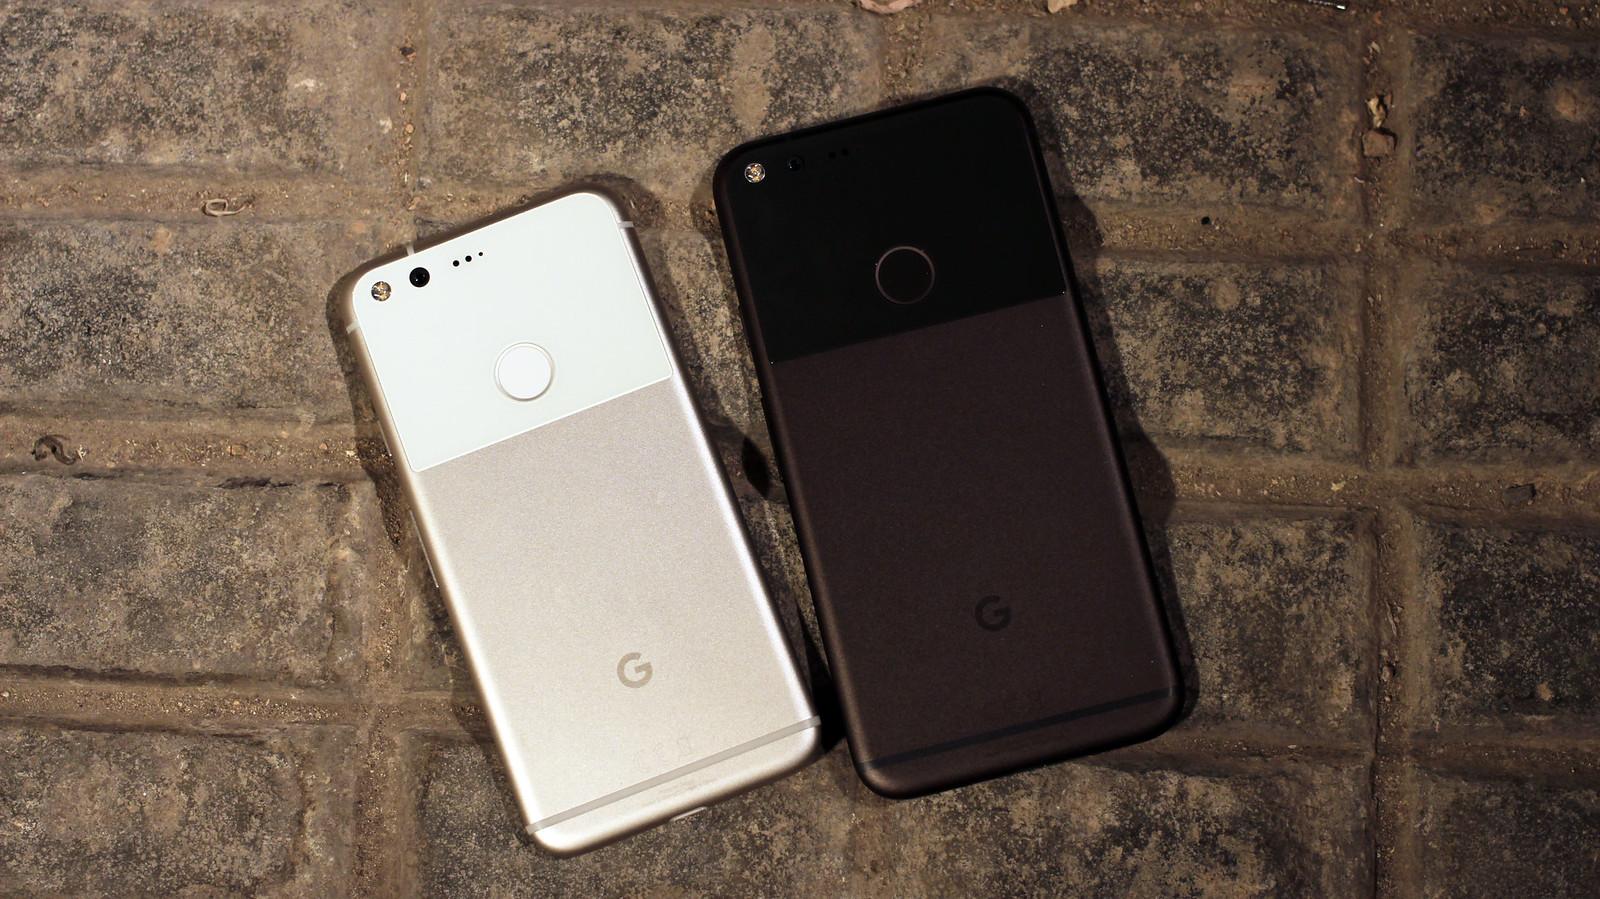 Les rendus de Google Pixel 4a 5G révèlent des changements minimes par rapport au Pixel 4a